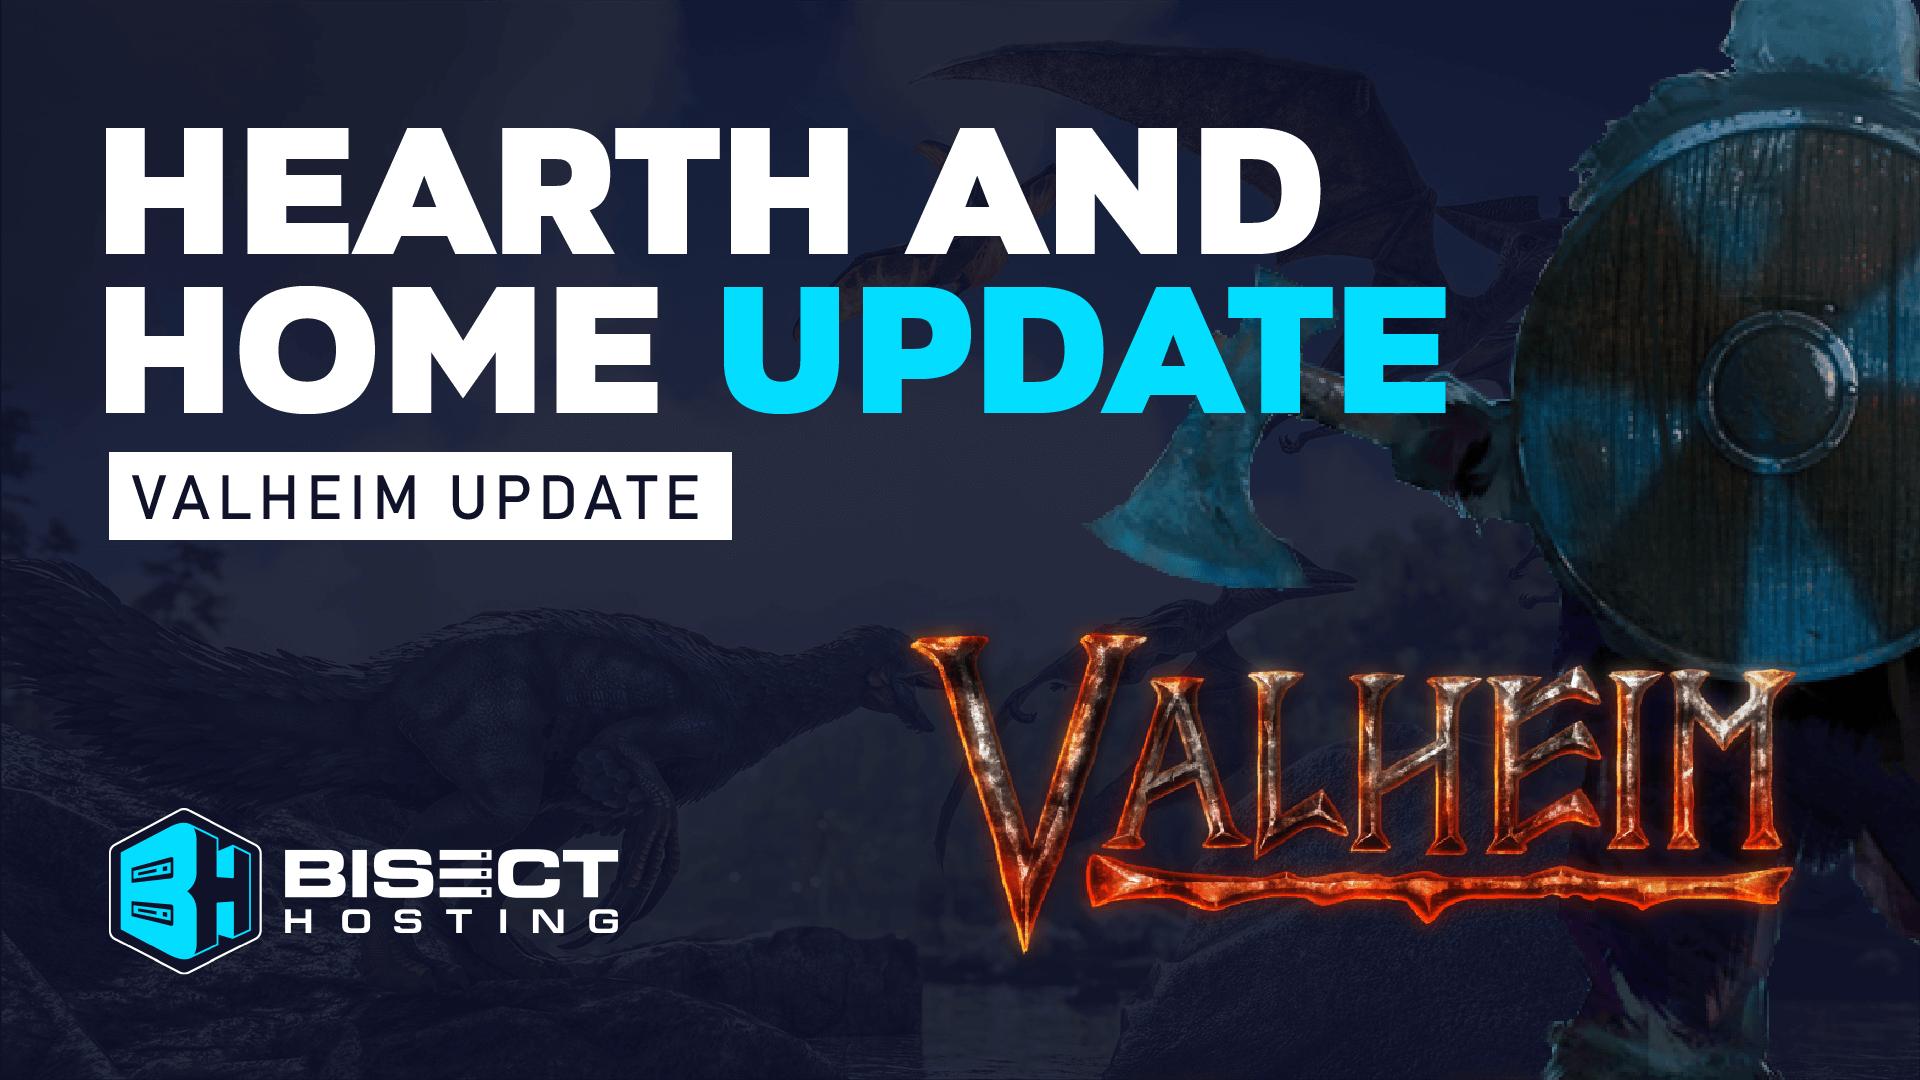 Valheim Hearth & Home Update is Here